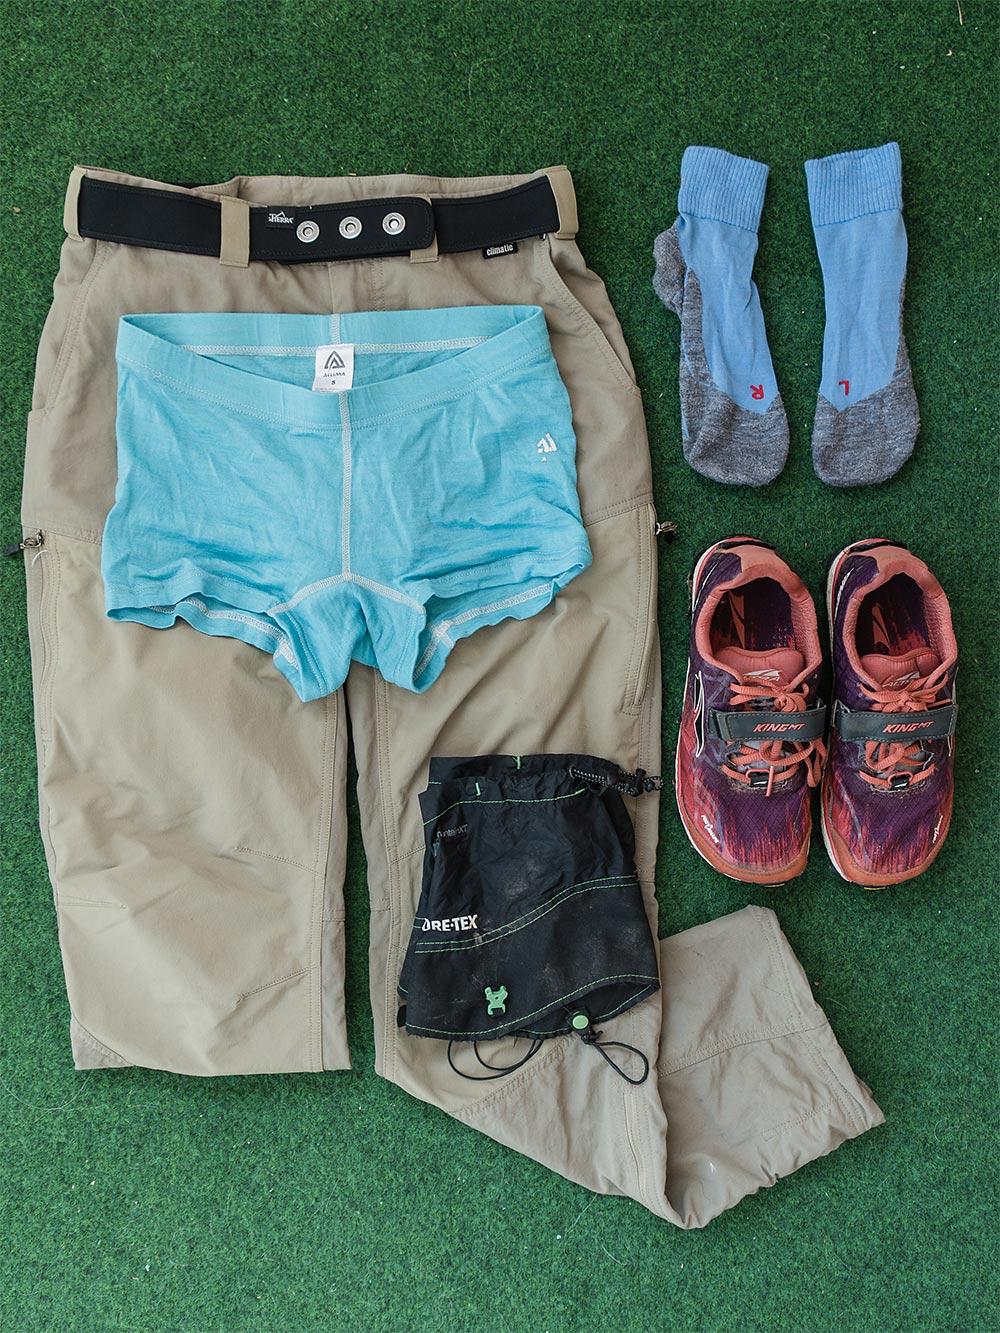 vaatteet vaellukselle